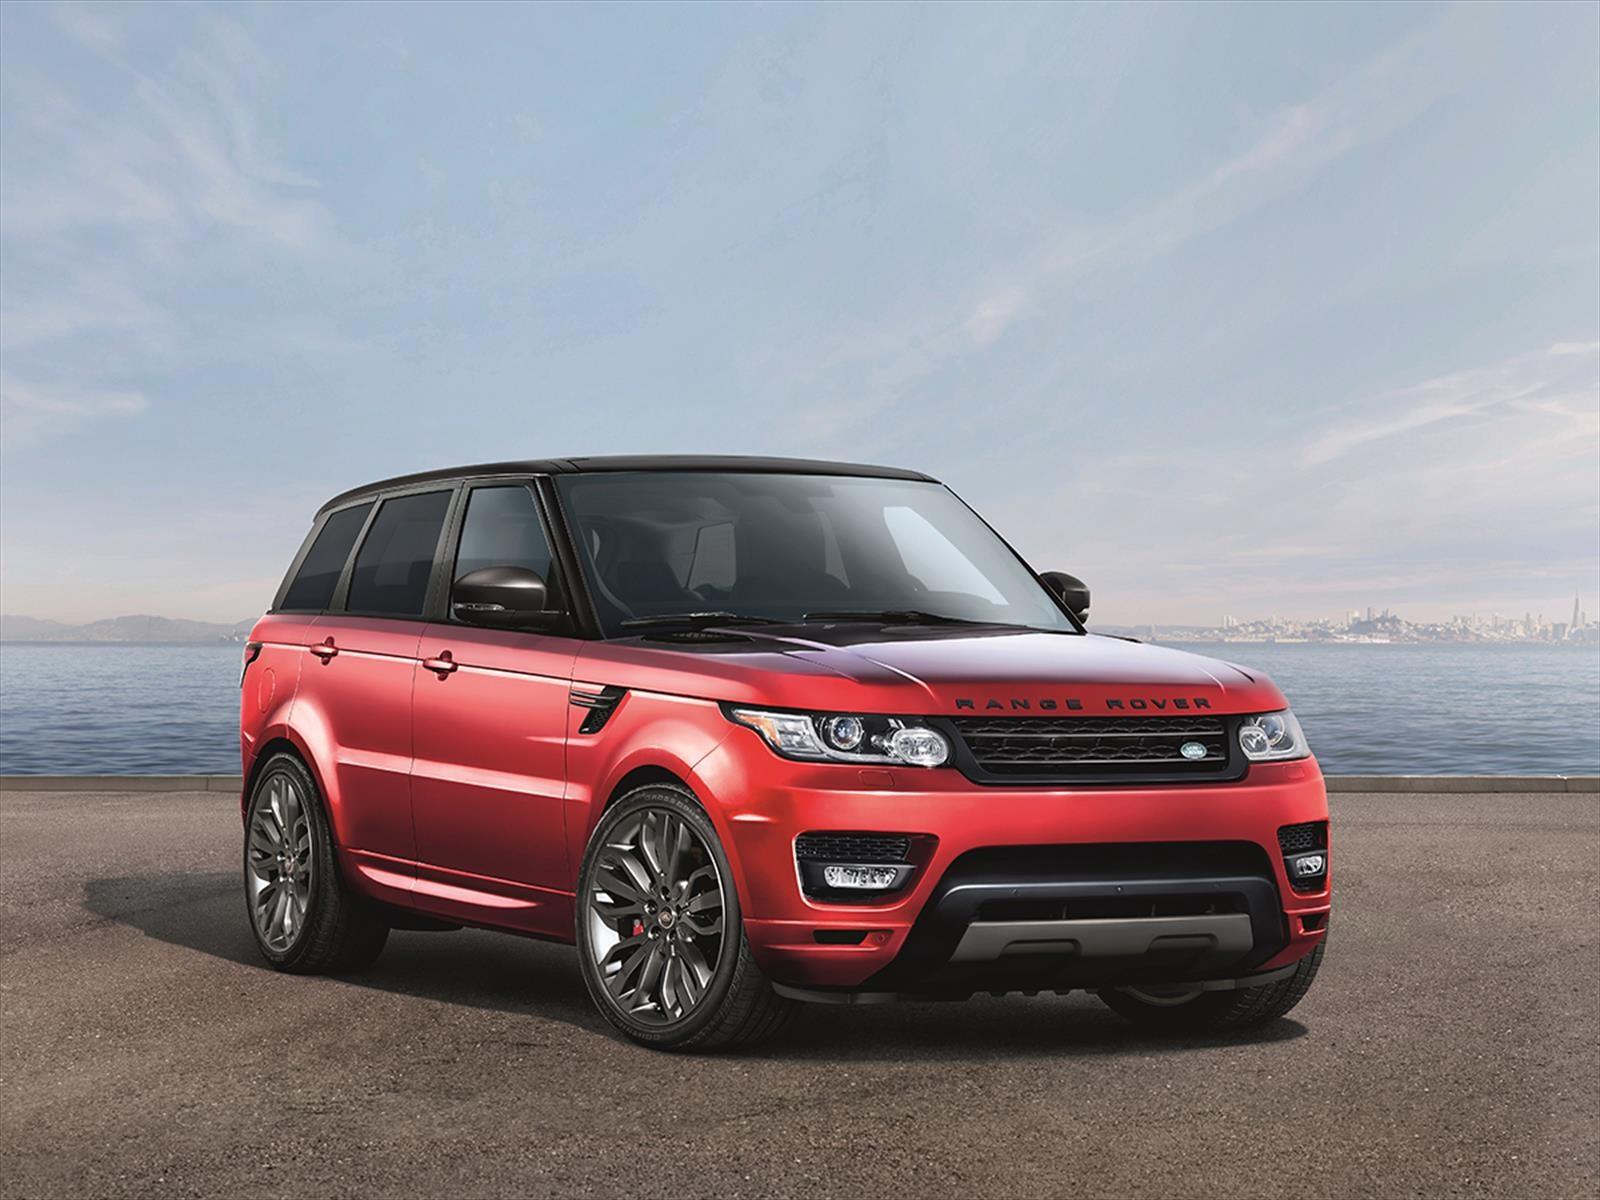 Range Rover Sport Limited Edition, la versión especial